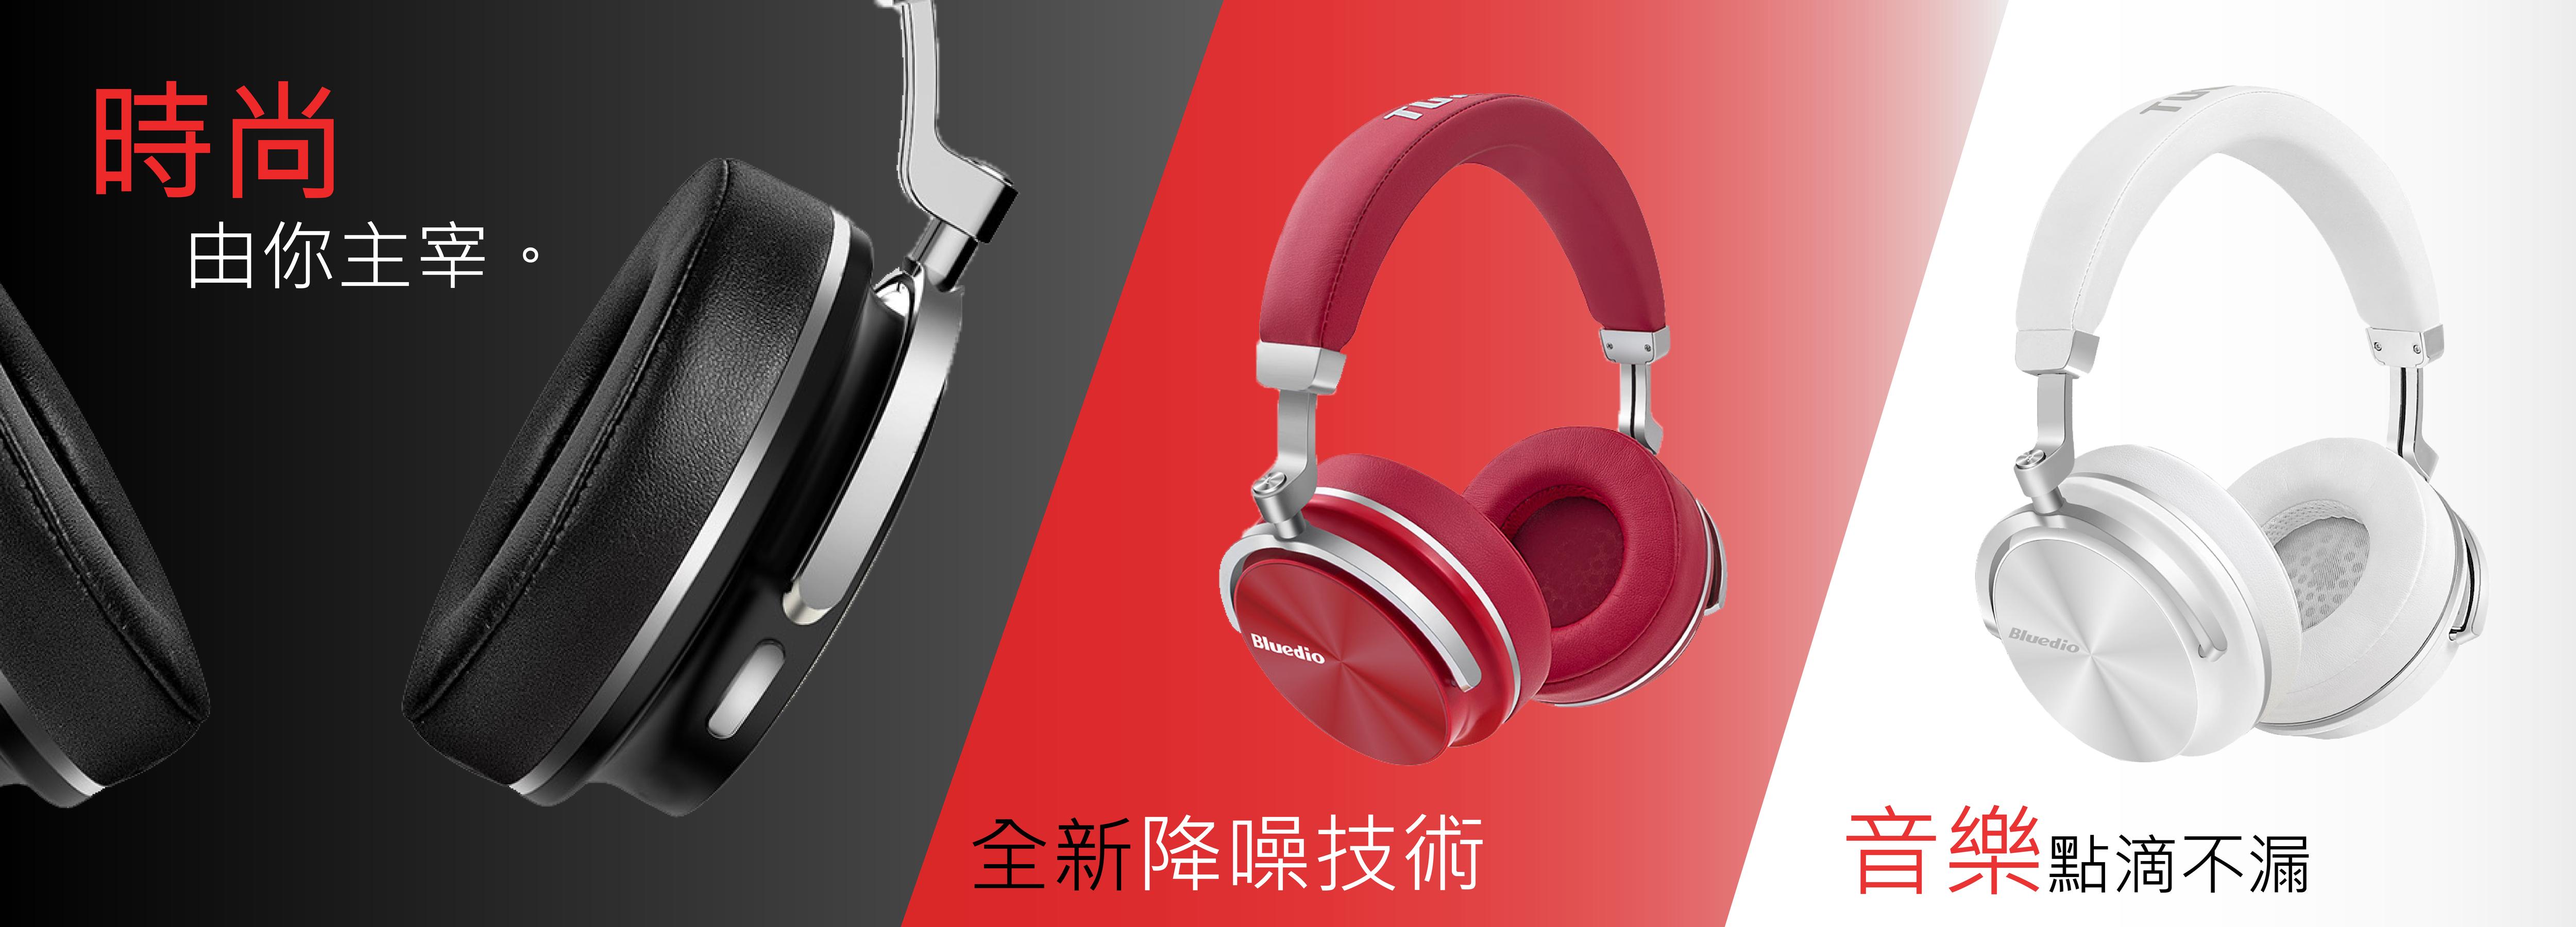 三種顏色的Waymax|Bluedio|T4 金屬質感CD紋 極致降躁藍牙耳機